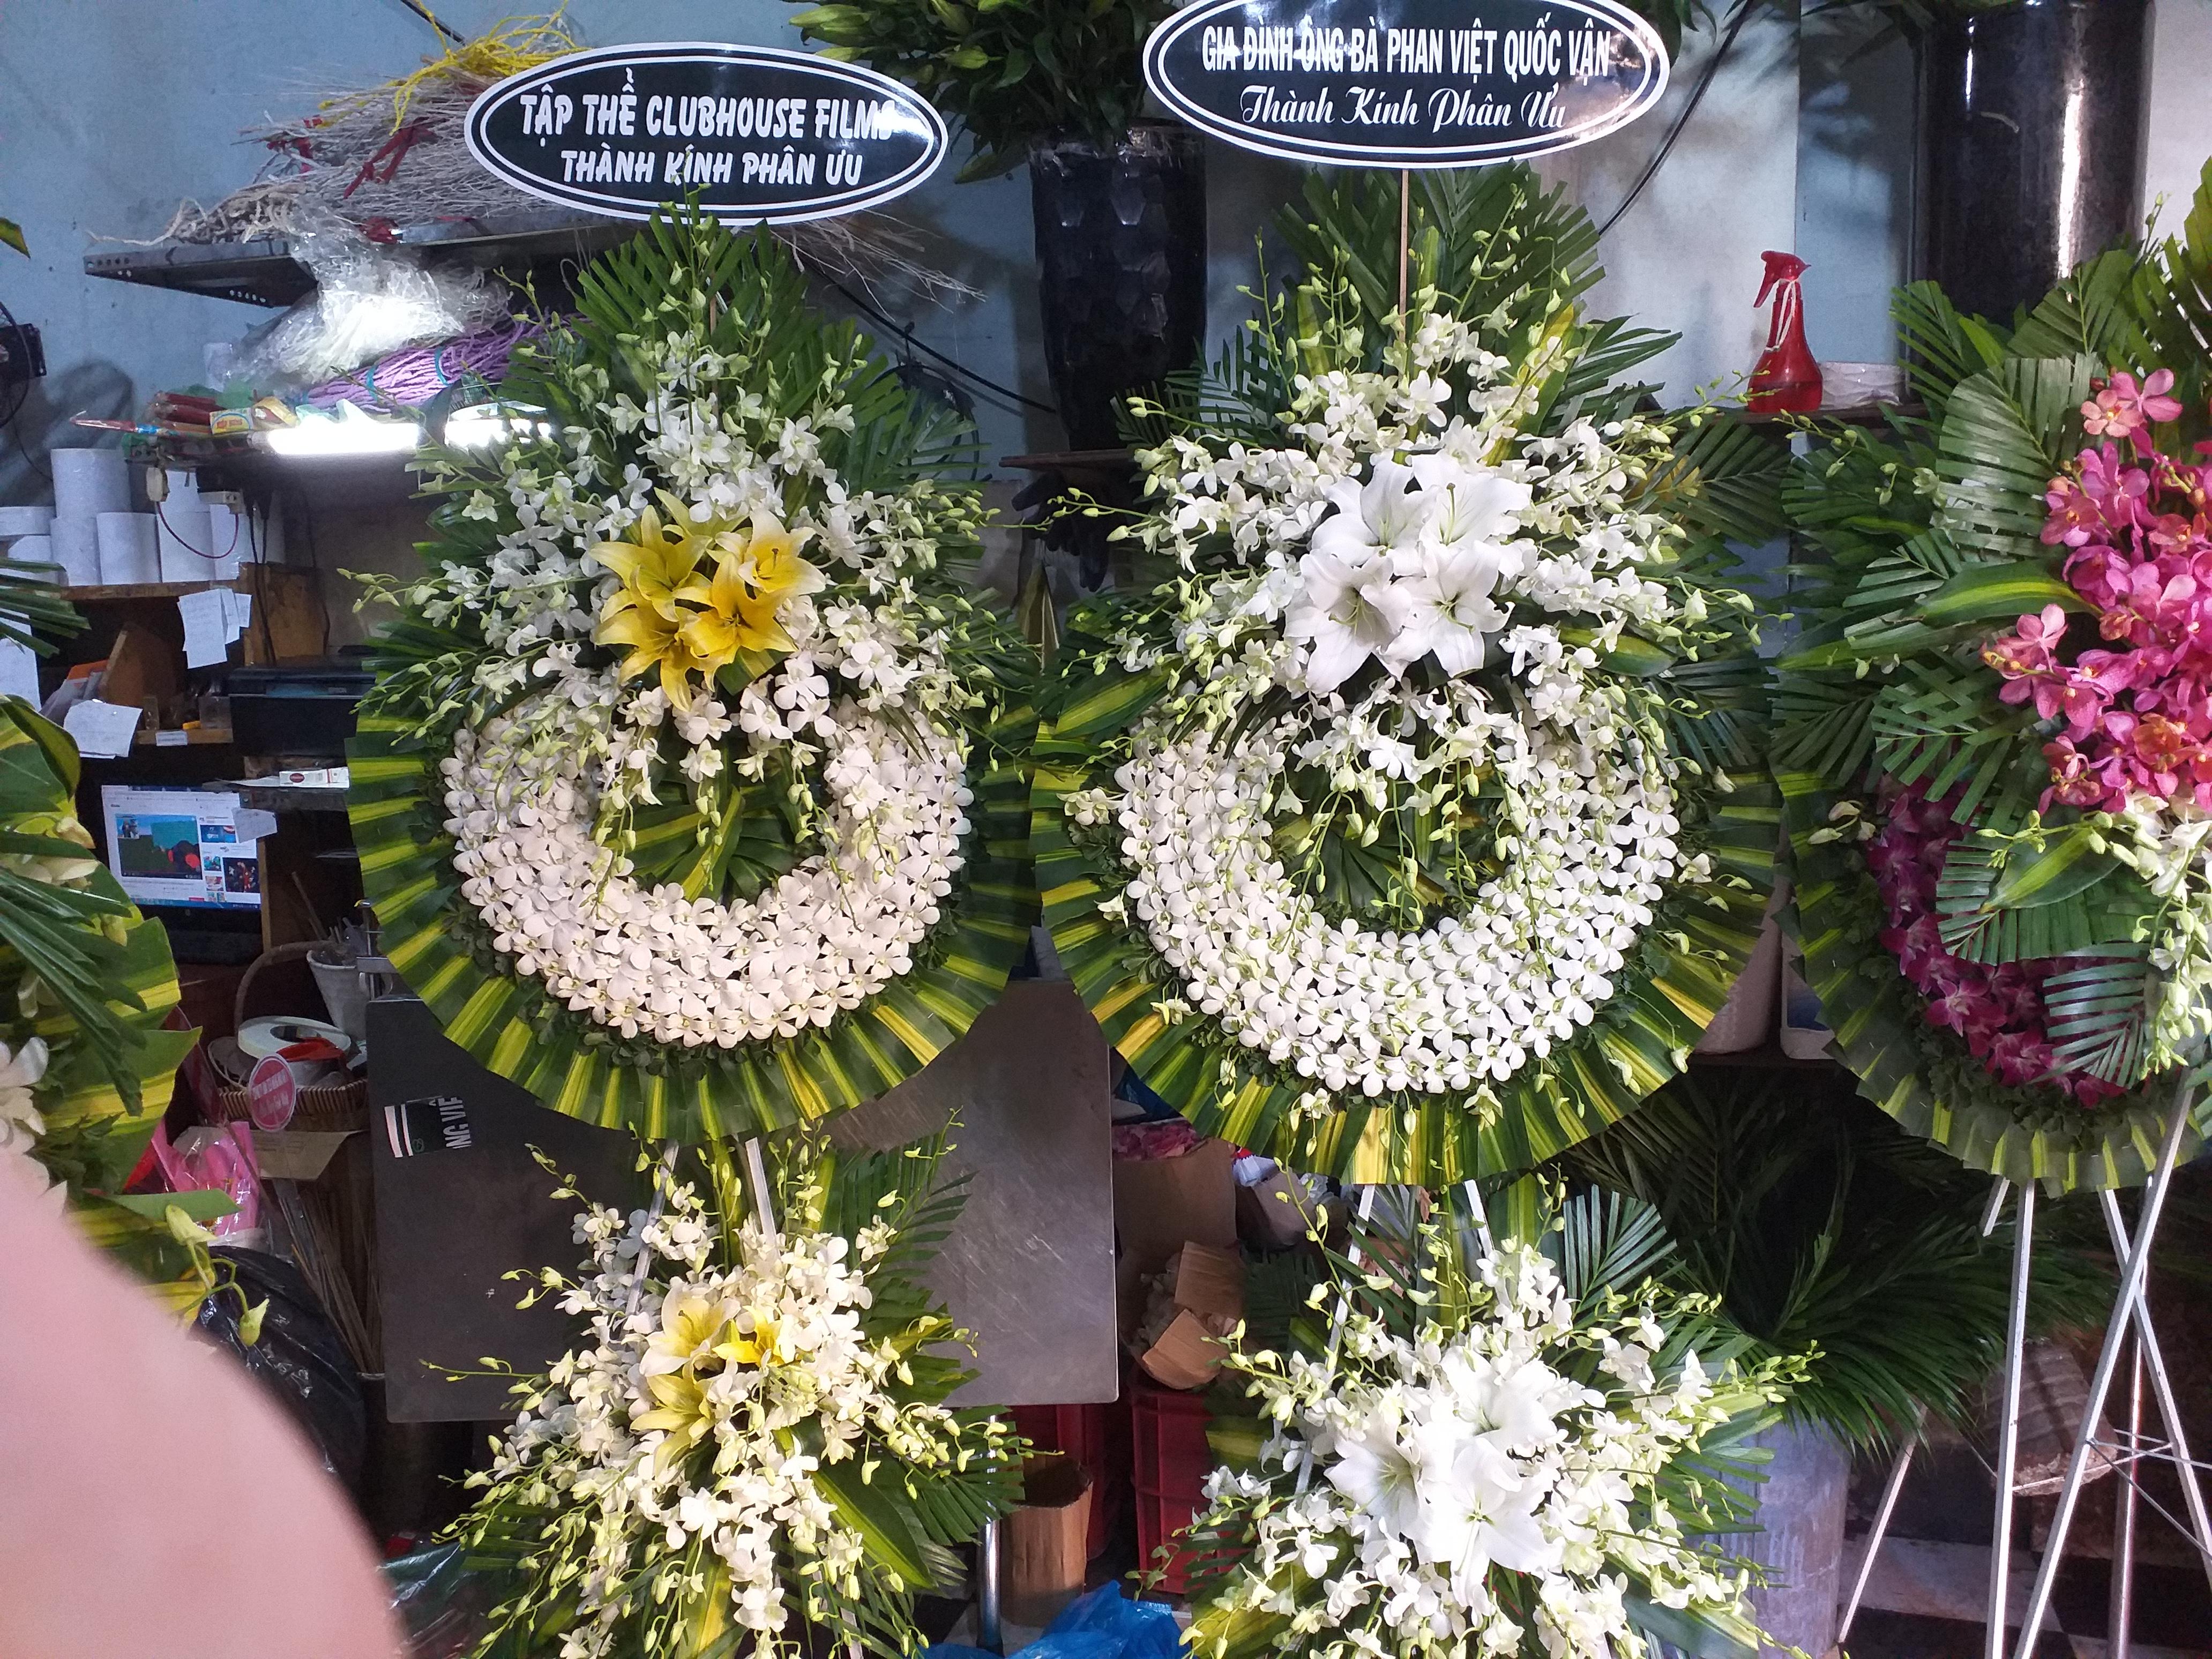 Đặt hoa tang lễ giá rẻ tại thành phố HCM chưa bao giờ dễ dàng đến thế với MrHoa